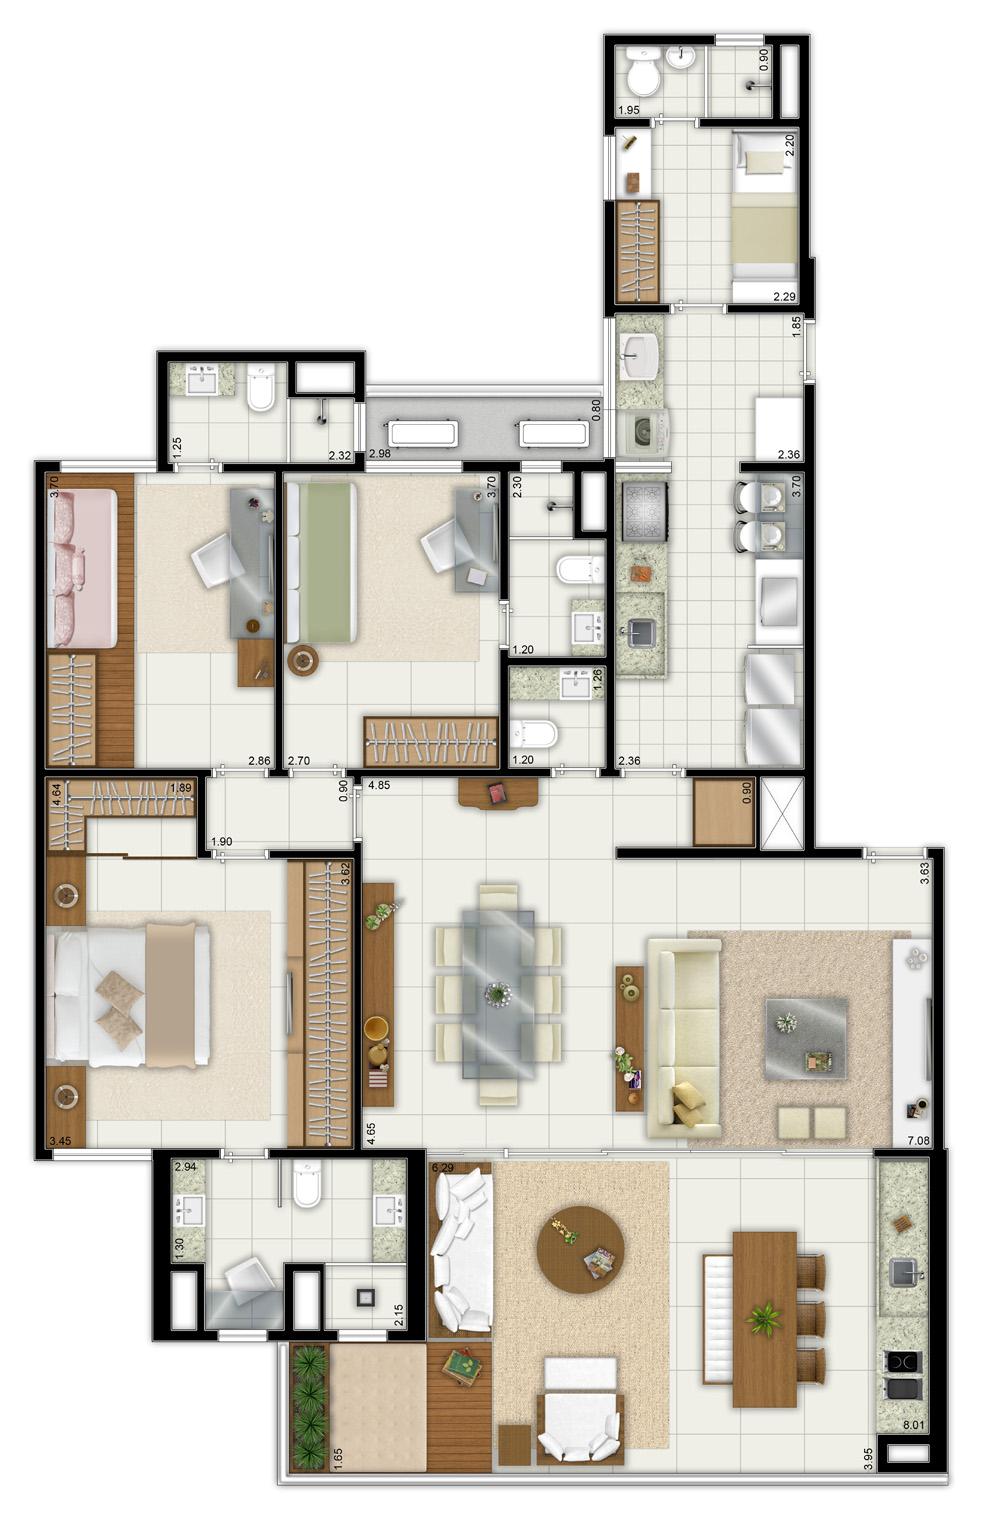 biarritz maison patamares - apartamento tipo